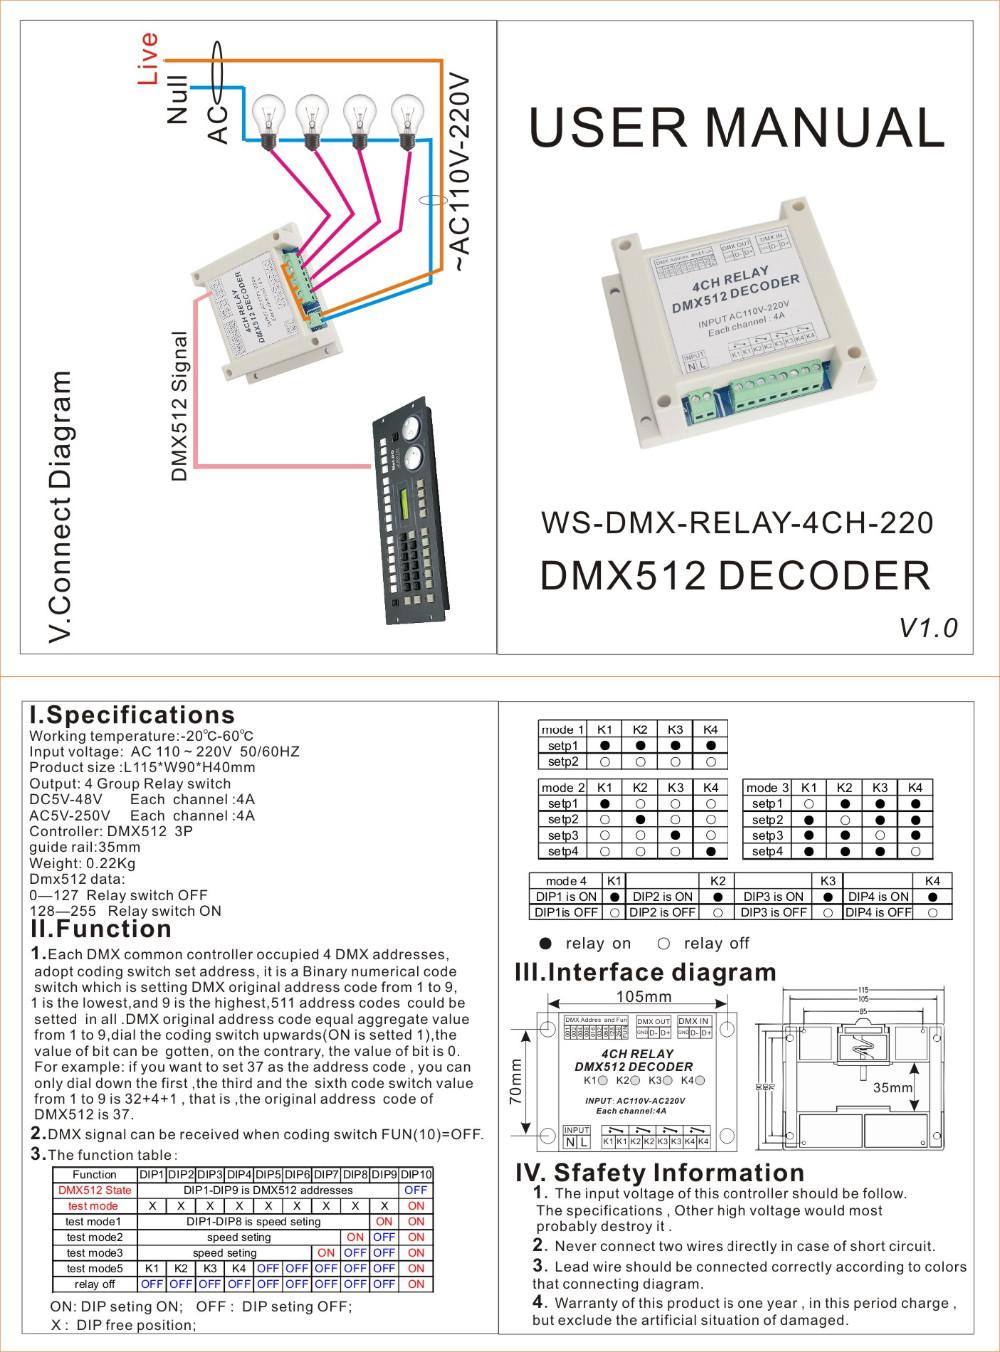 DMX-RELAY-4CH-220 110V-220V 4CH Relay Switch DMX Decoder